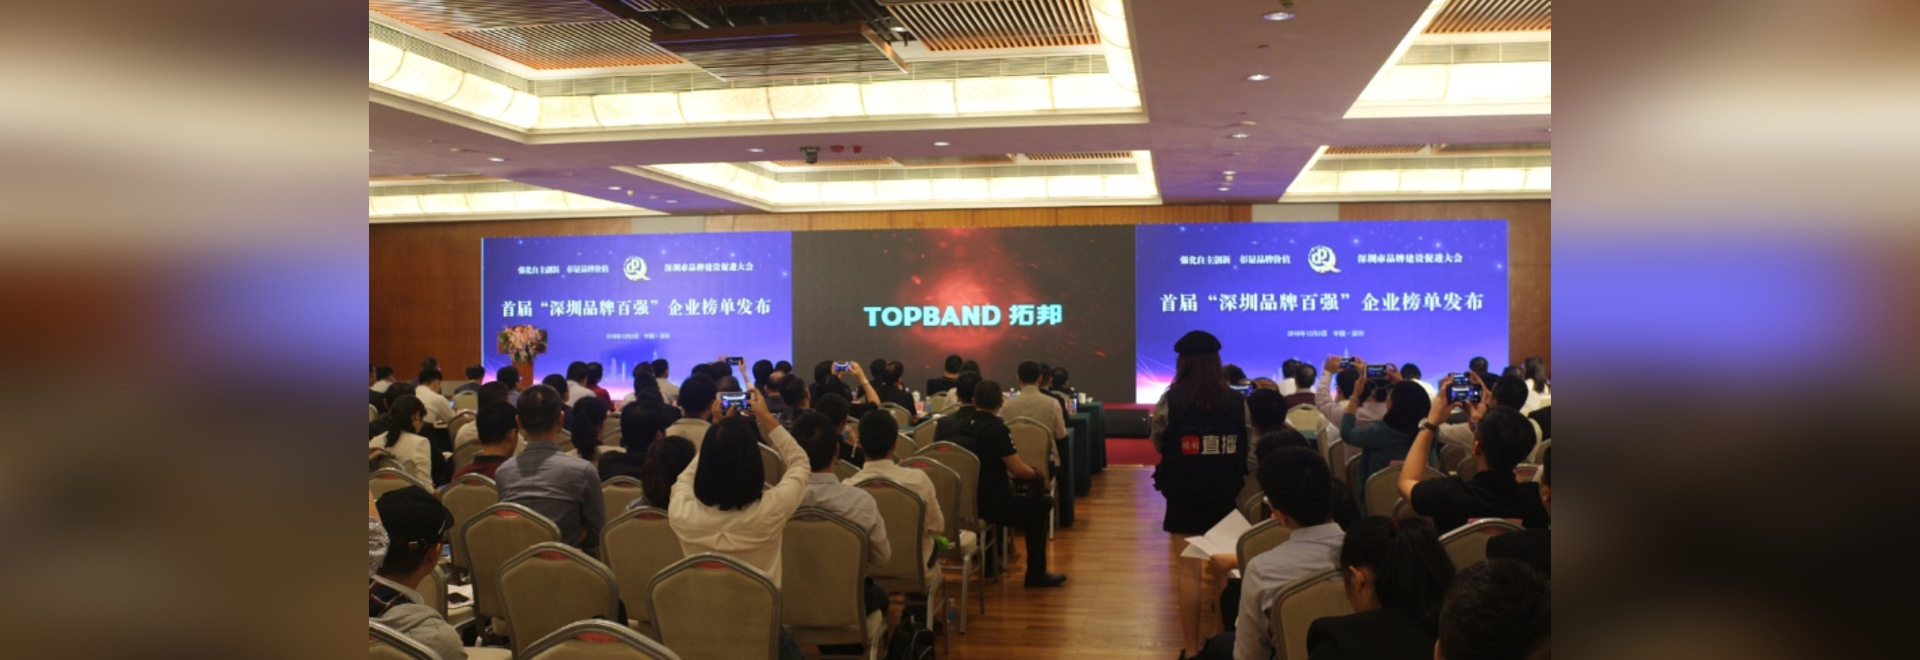 Shenzhen Topband Co., Ltd Awarded Top 100 brands in Shenzhen